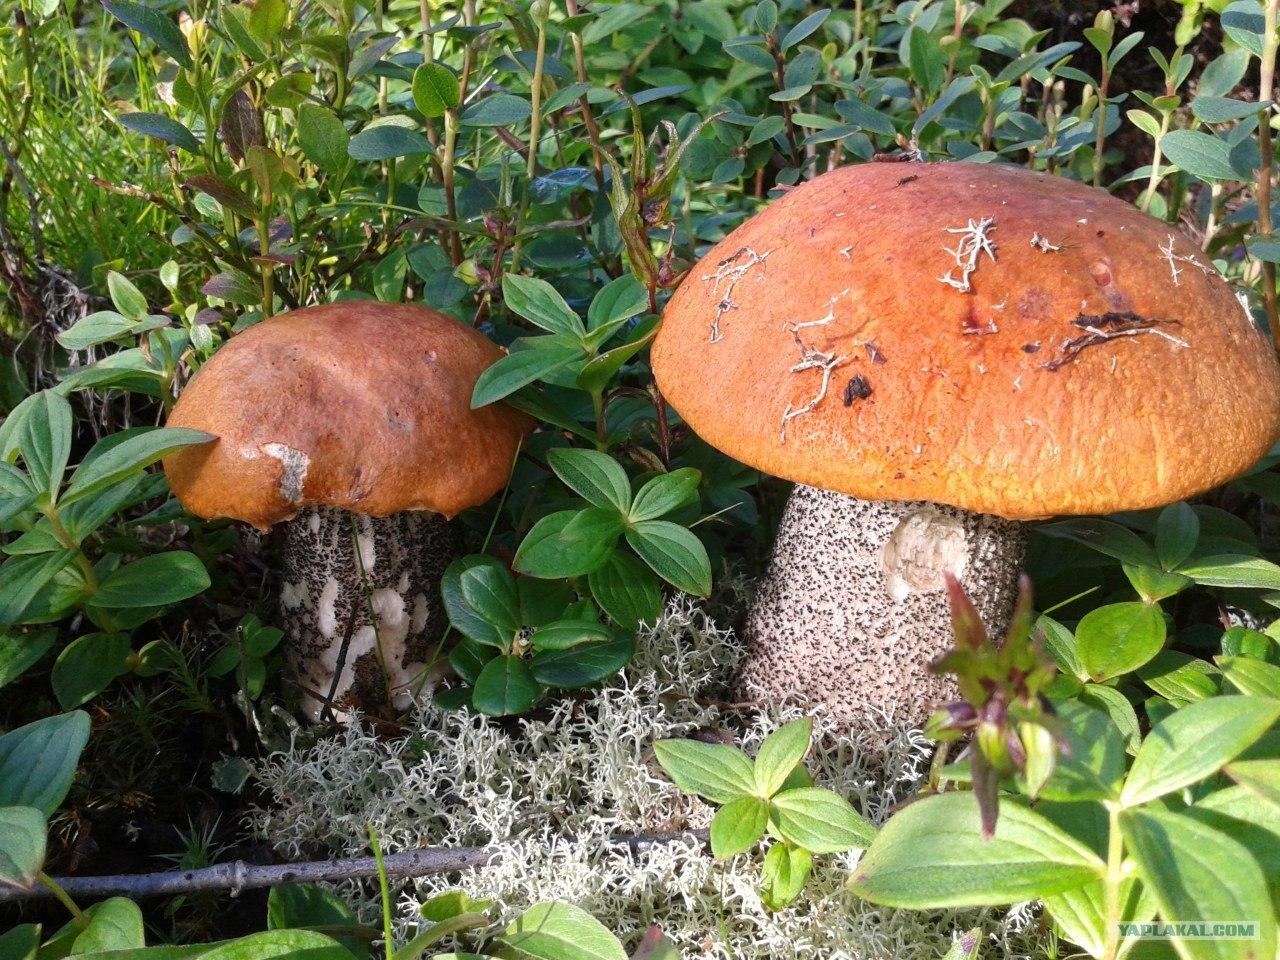 фото грибов с названиями июльский сбор изумляет прозрачной лазурной